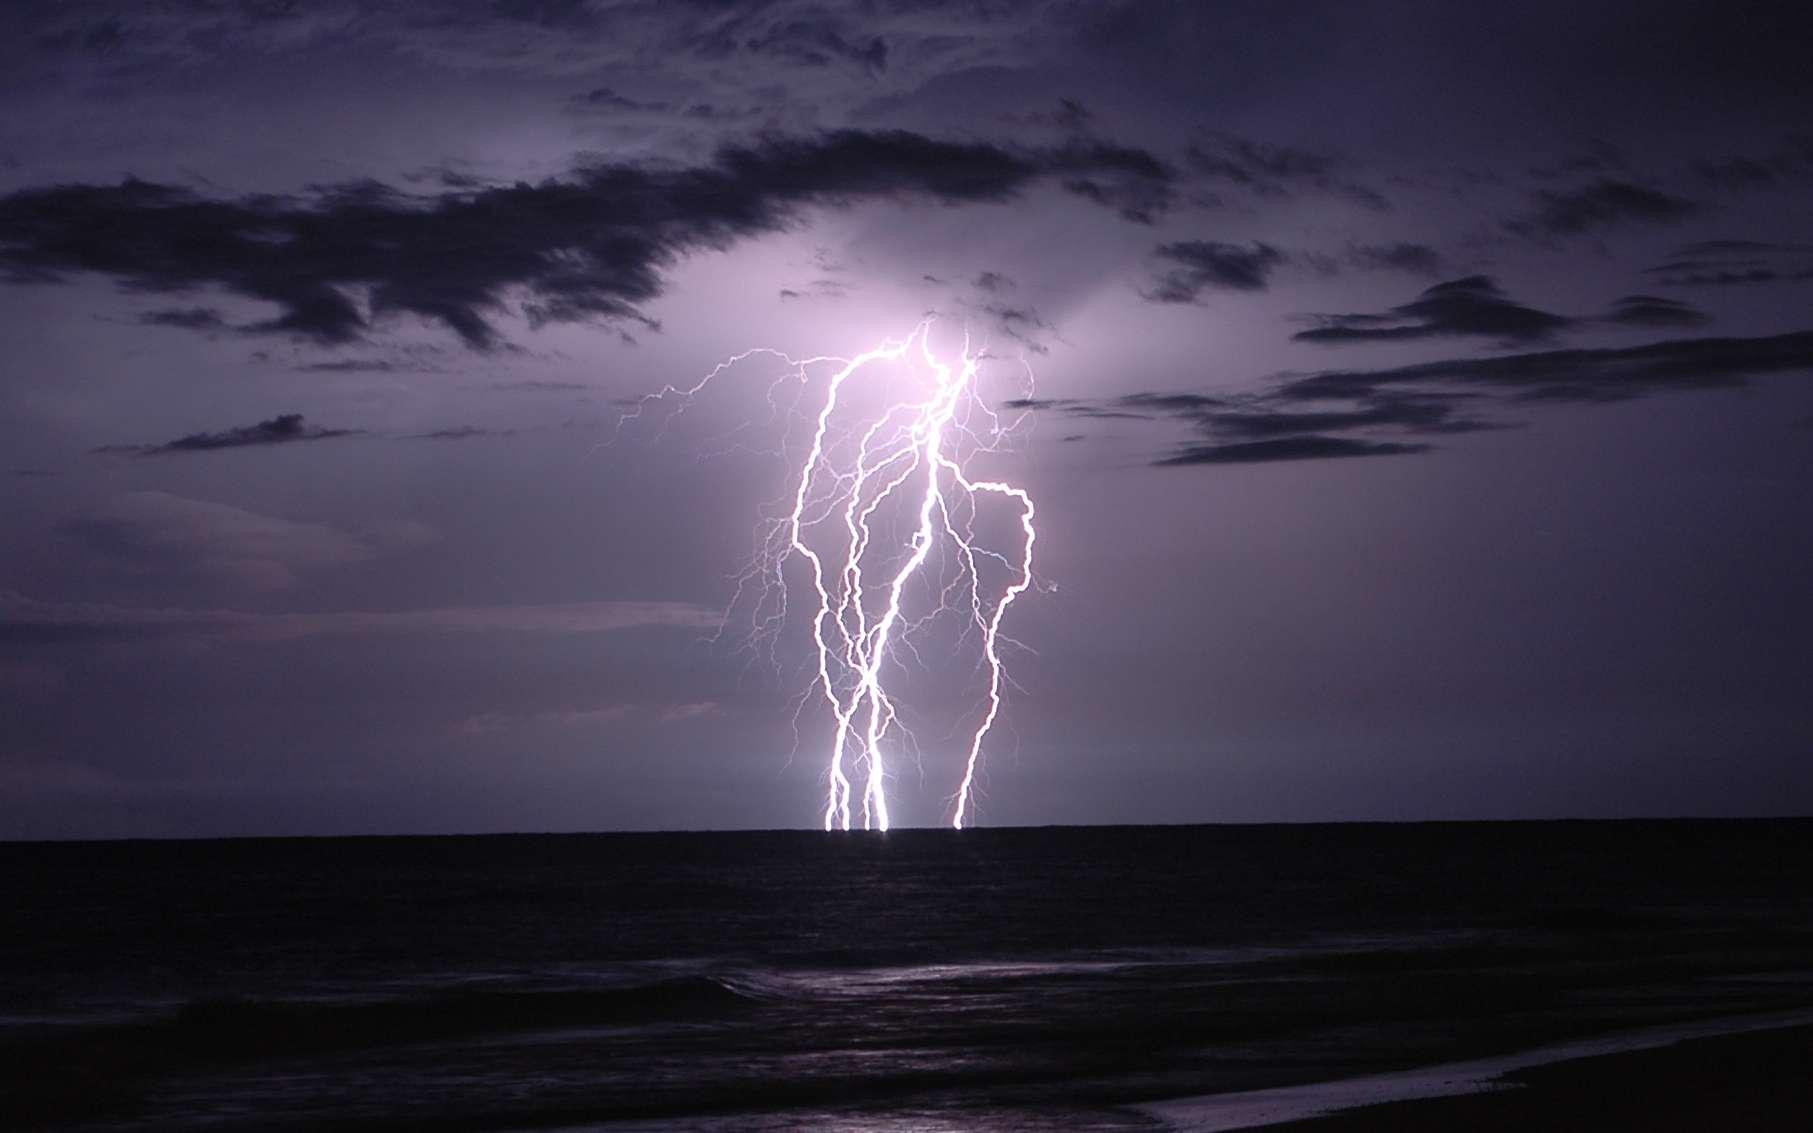 Un éclair non loin d'un rivage. À chaque instant, sur Terre, se produisent 2.000 orages, qui génèrent ensemble entre 30 et 100 éclairs entre les nuages et le sol... par seconde. Total : environ 5 millions d'éclairs par jour sur notre planète. © duane.schoon, Flickr, cc by nc sa 2.0